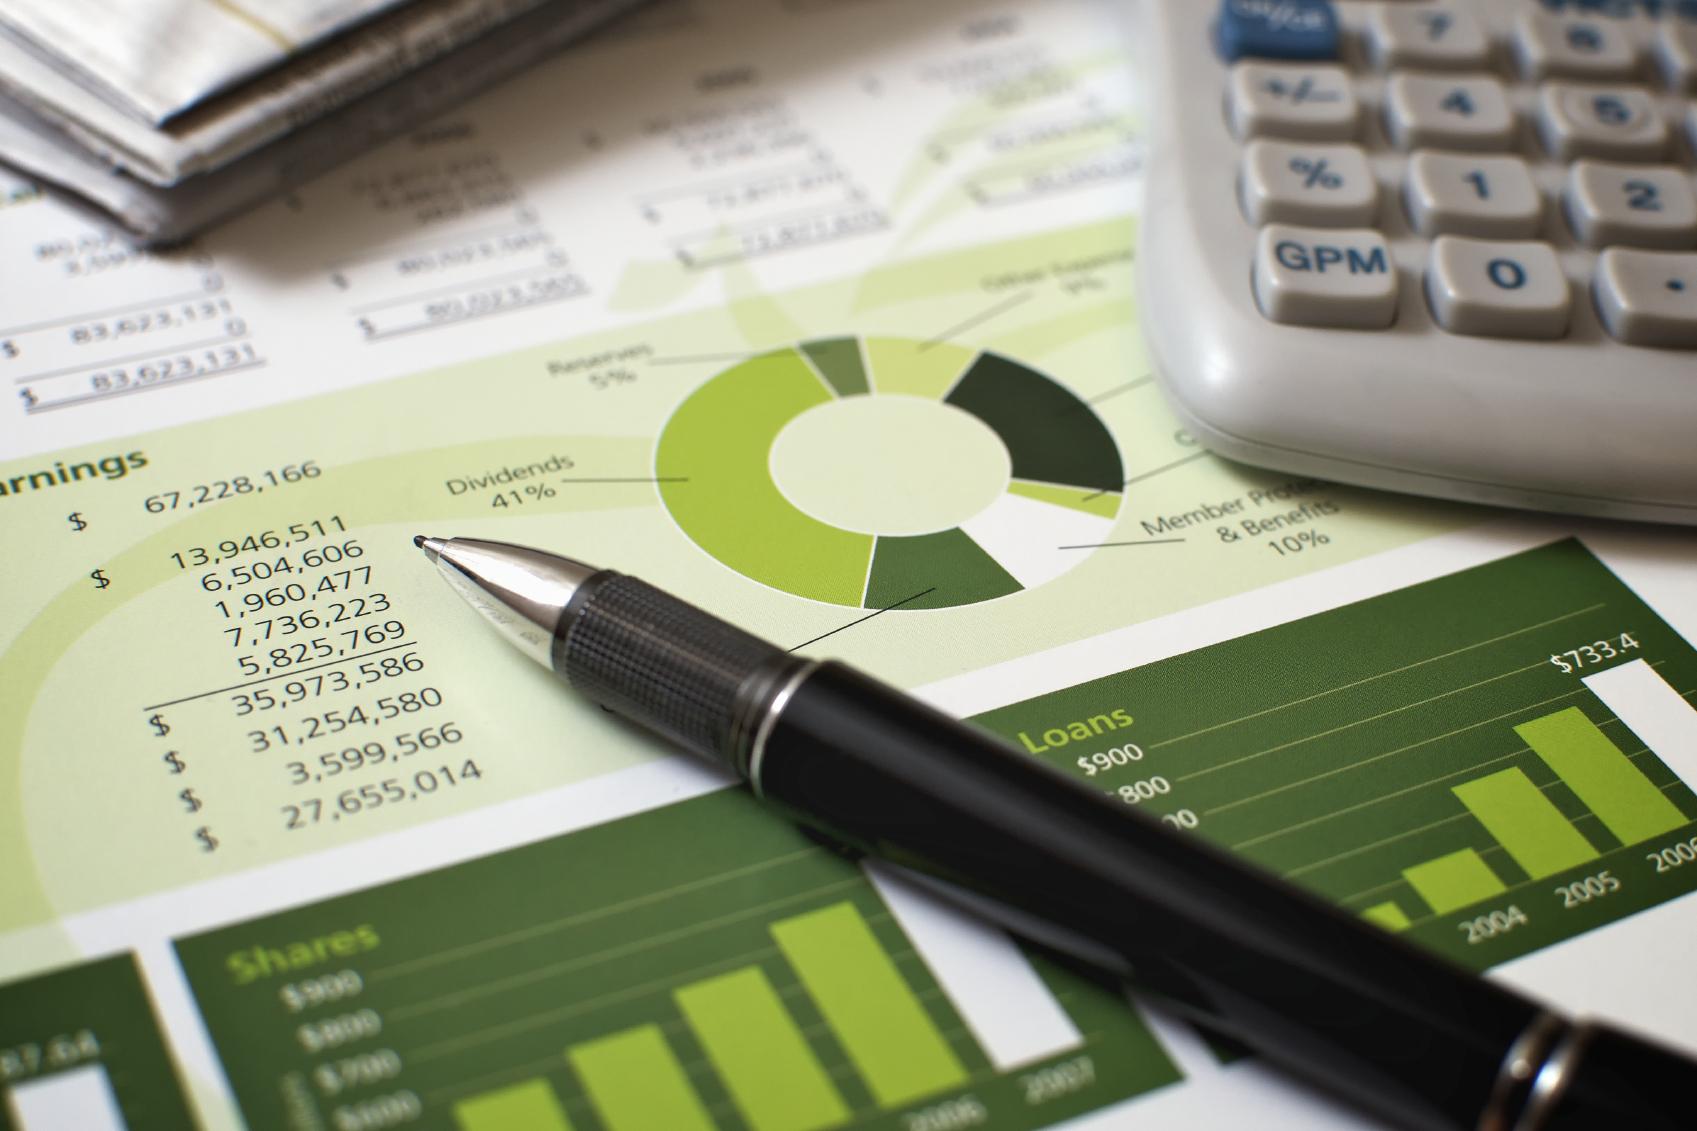 Perché è così importante il controllo finanziario?